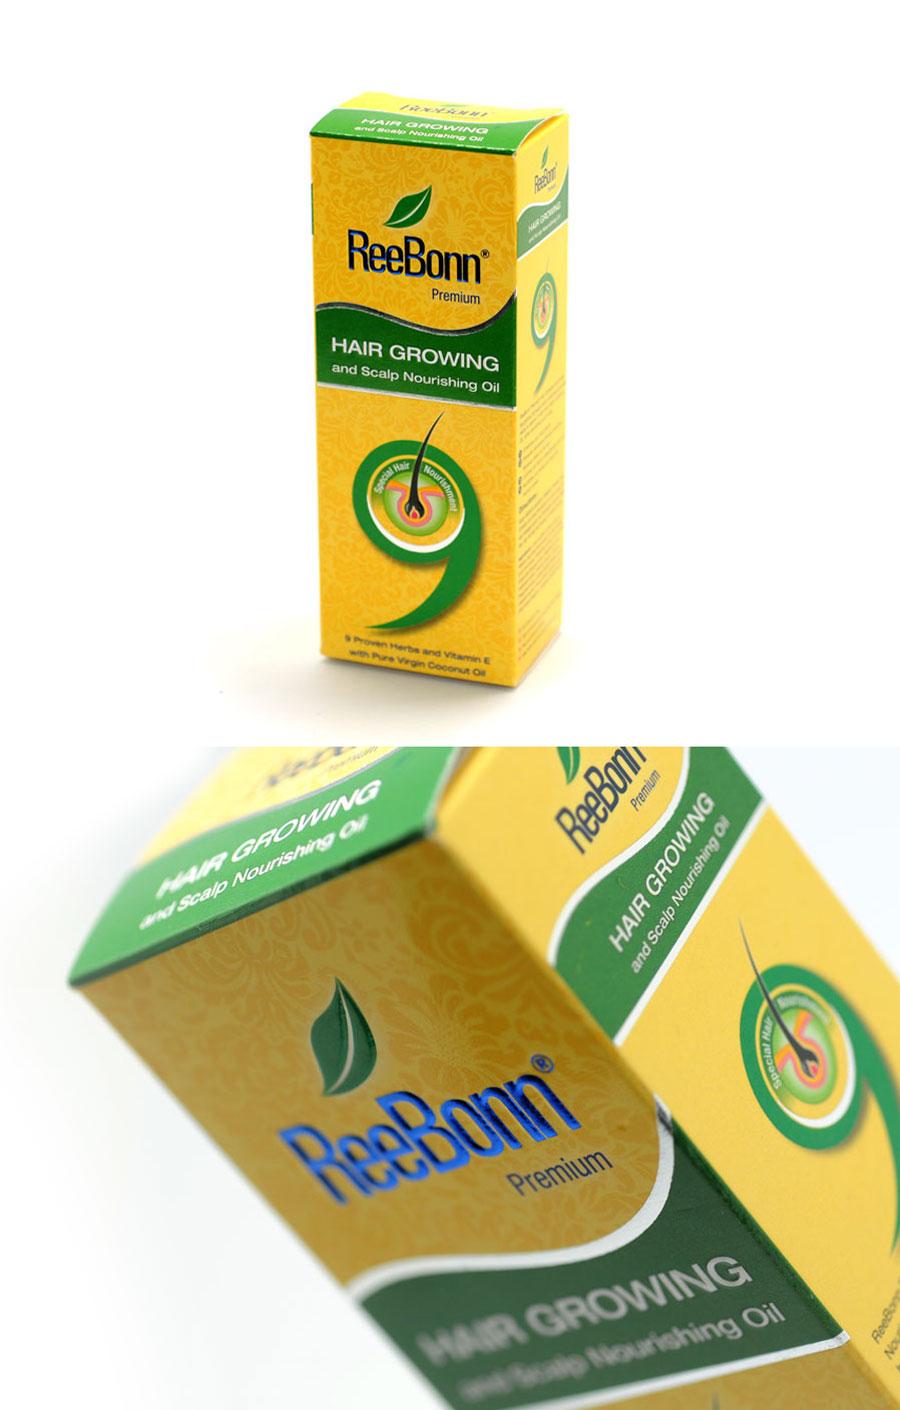 Ree-bonn-1